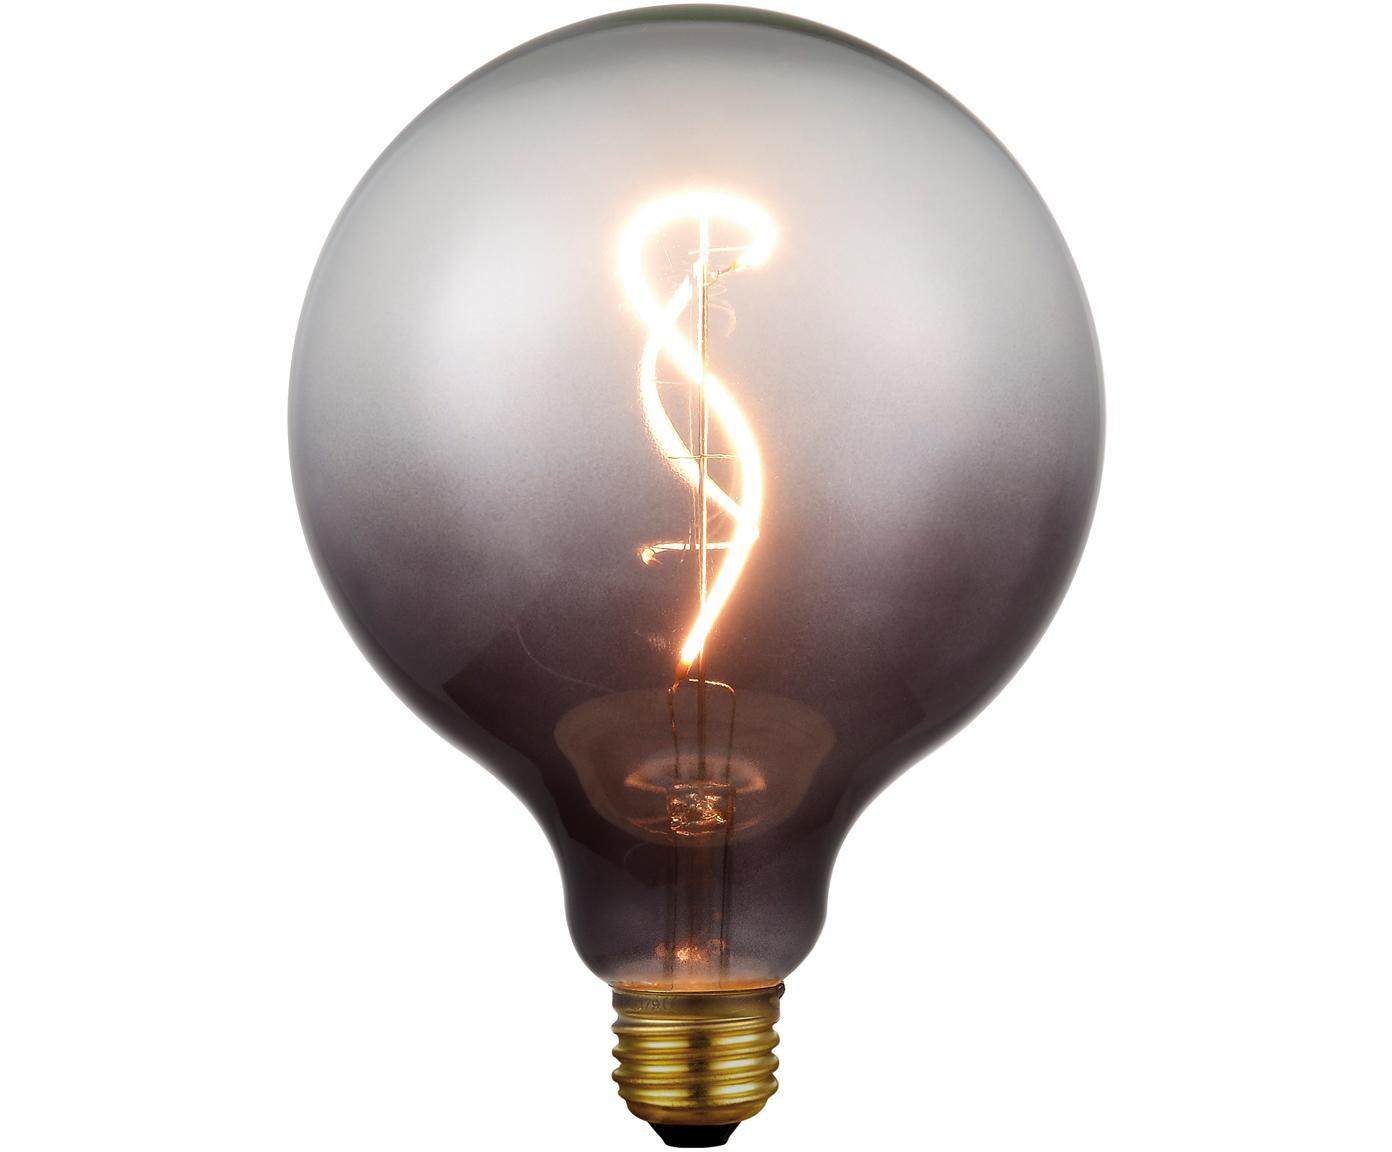 Grote LED lamp Colors Smoke (E27 / 4W), dimbaar, Glas, gecoat metaal, Grijs, transparant, Ø 13 x H 17 cm